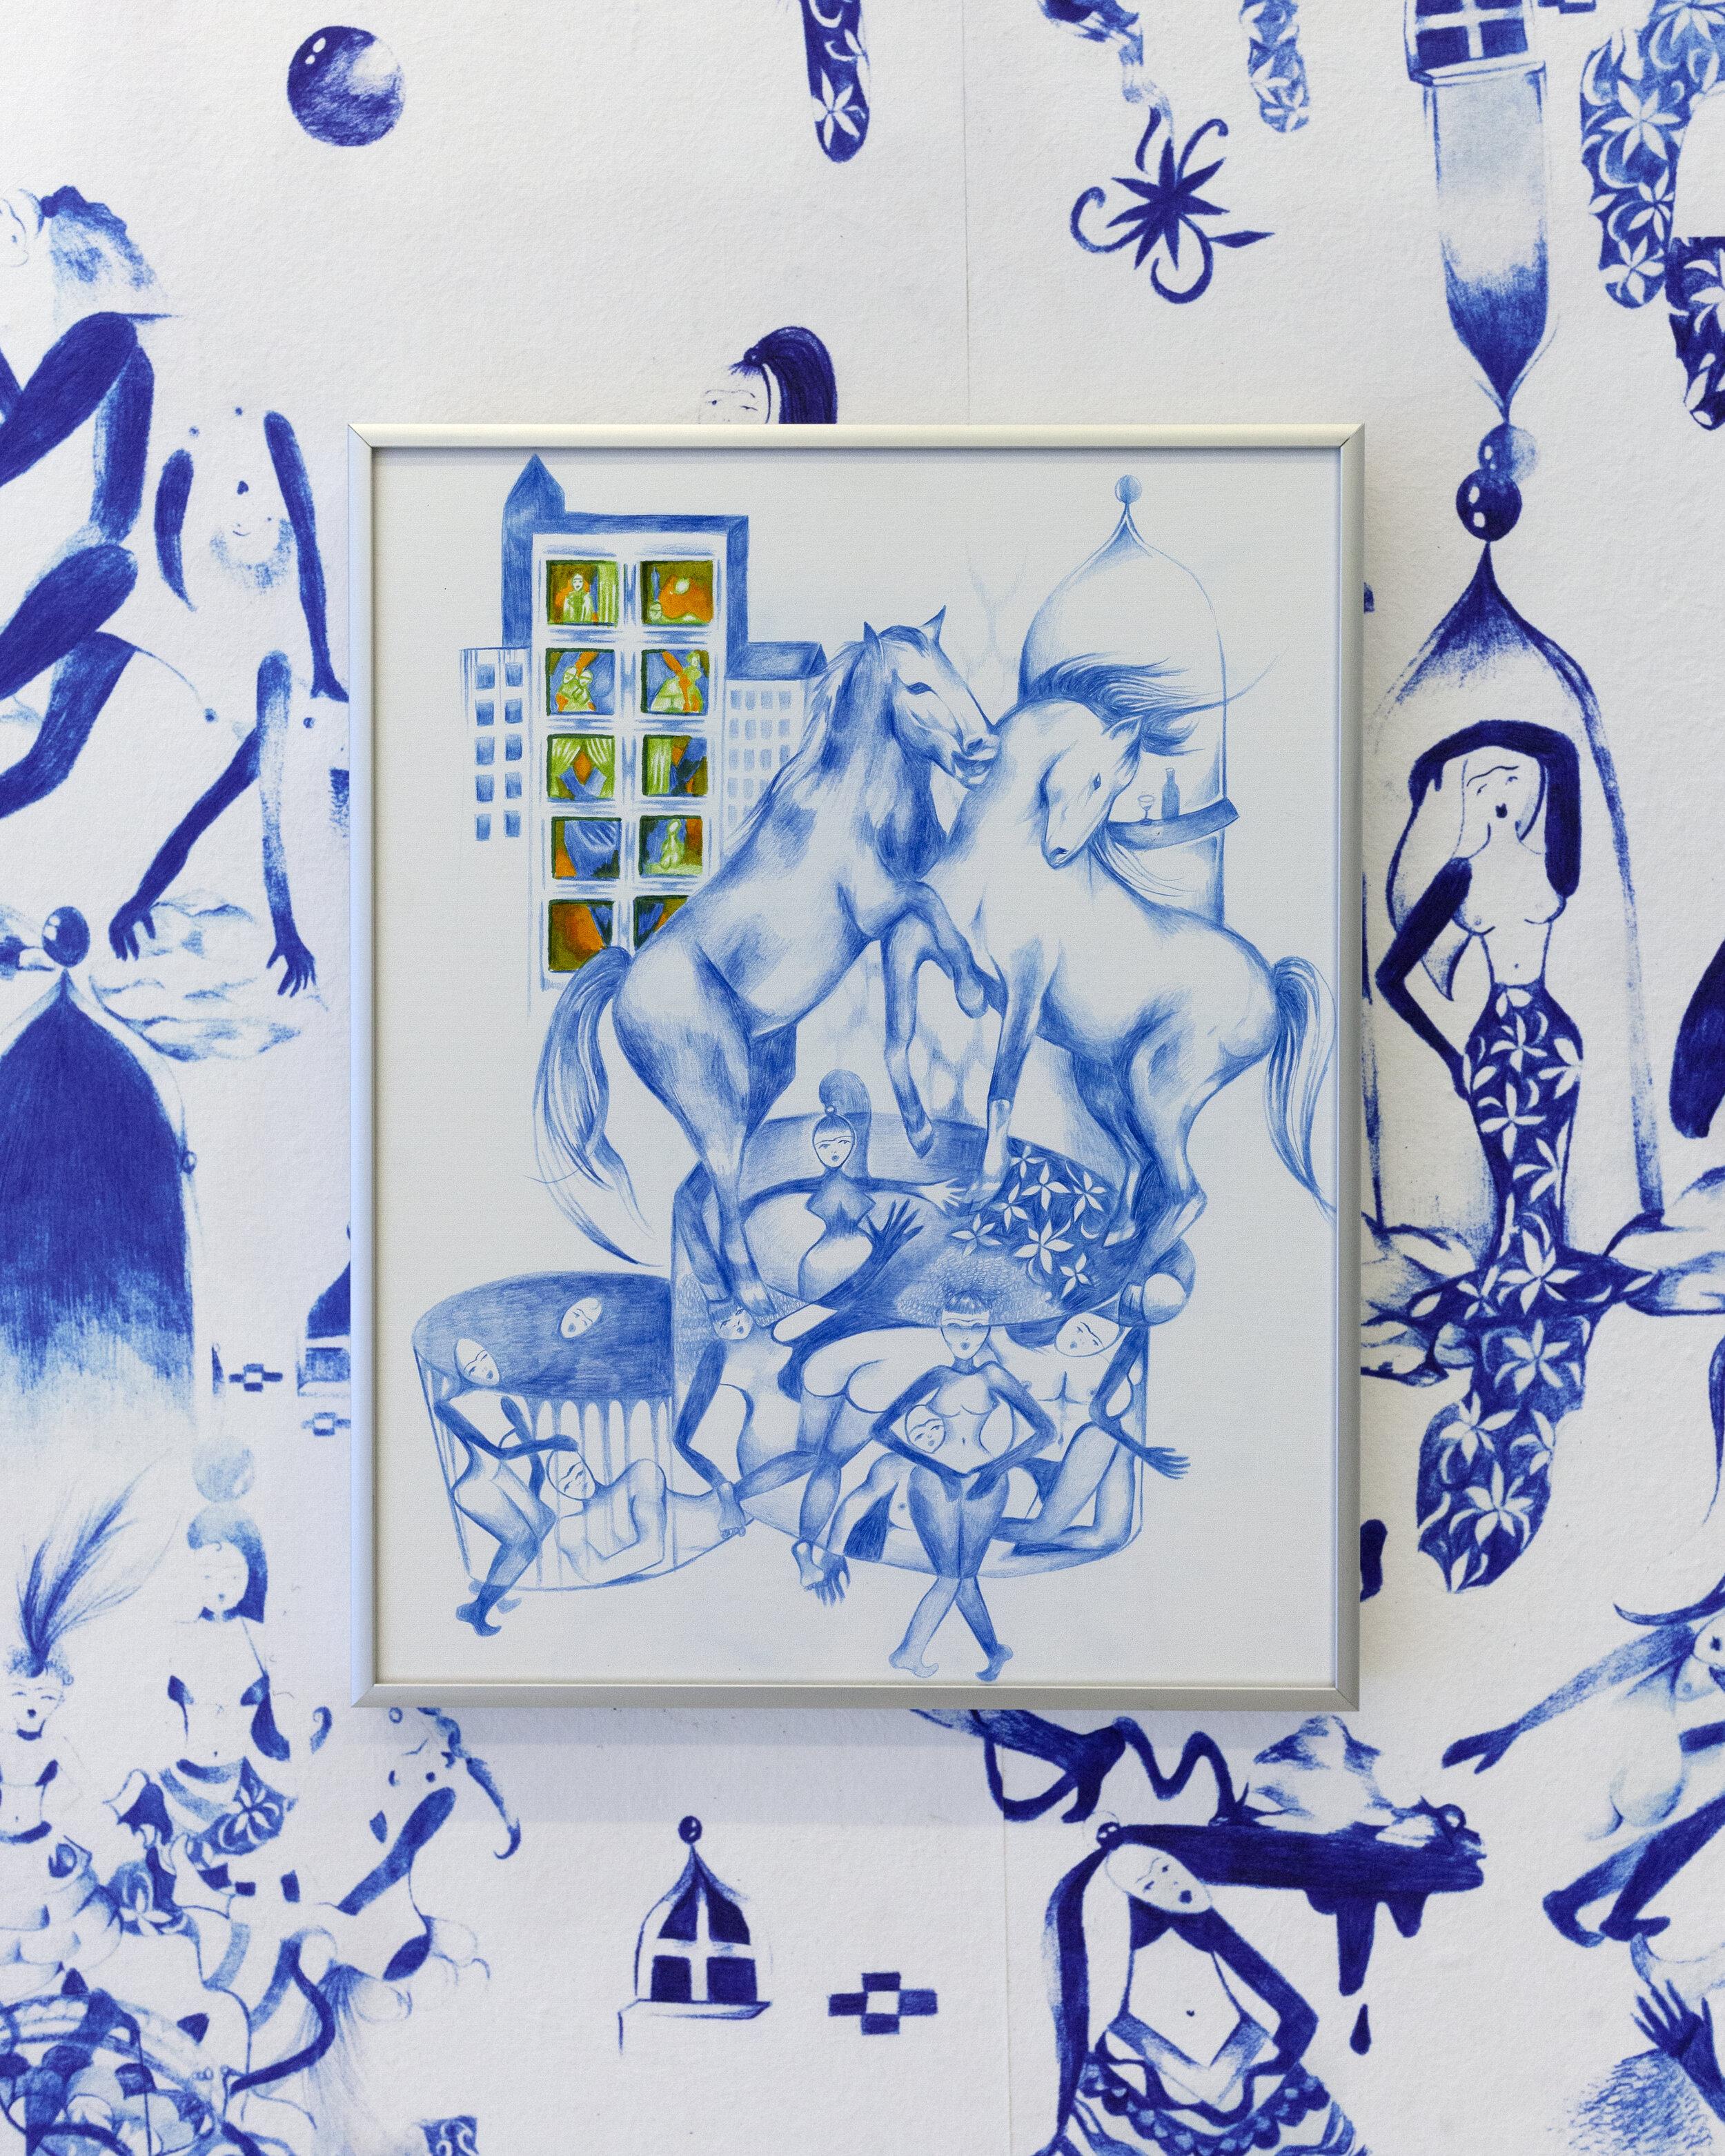 Sadaf drawing 7 - wallpaper copy.jpg